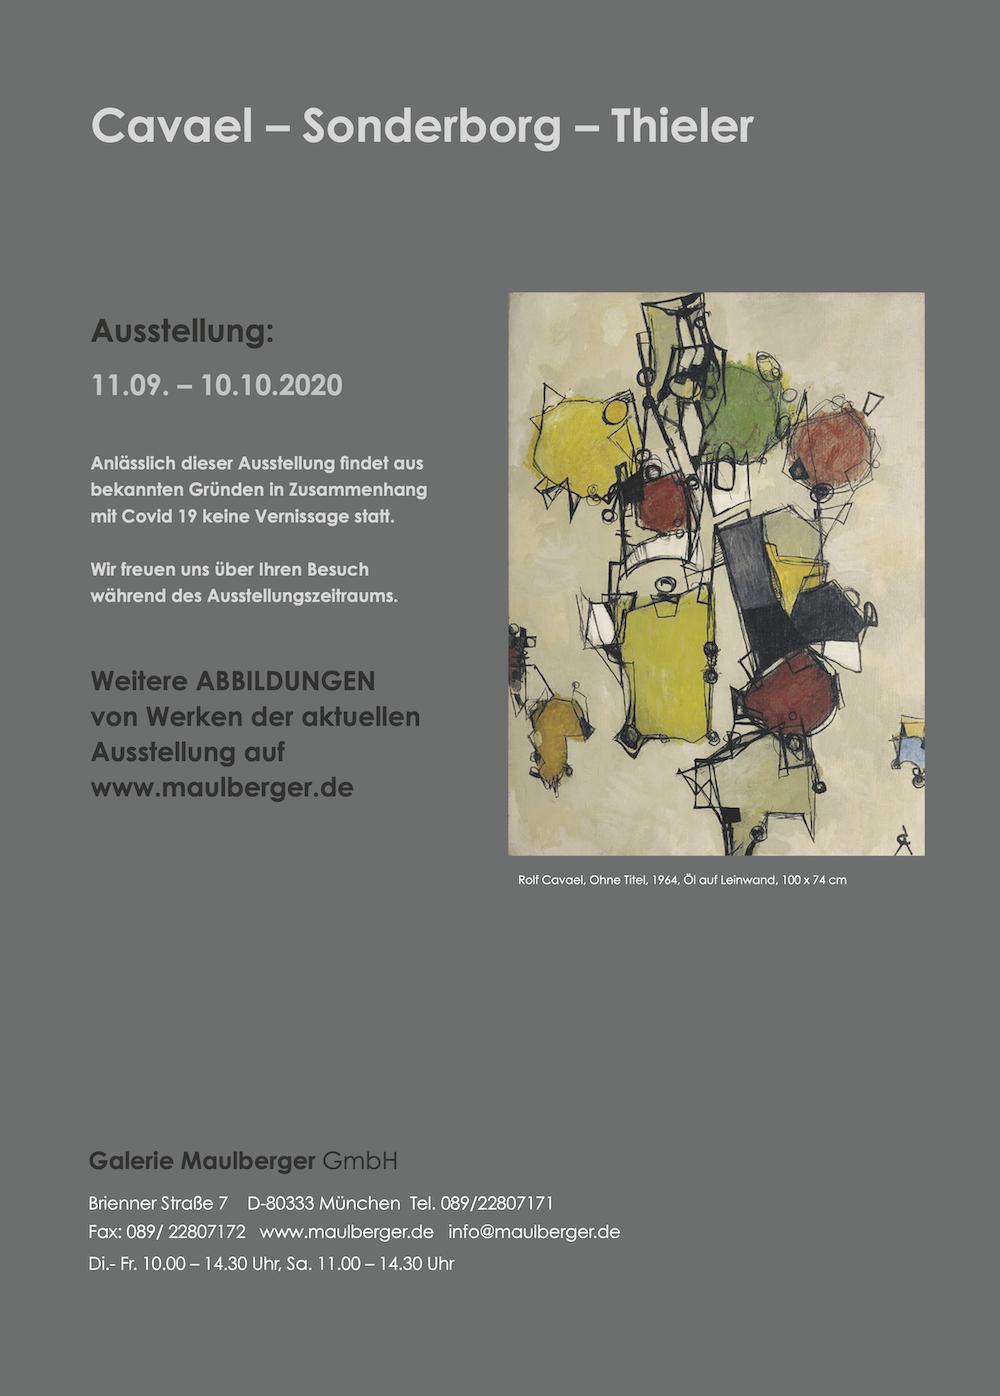 Einladungskarte Ausstellung Cavael Sonderborg Thieler 2020 Galerie Maulberger 06